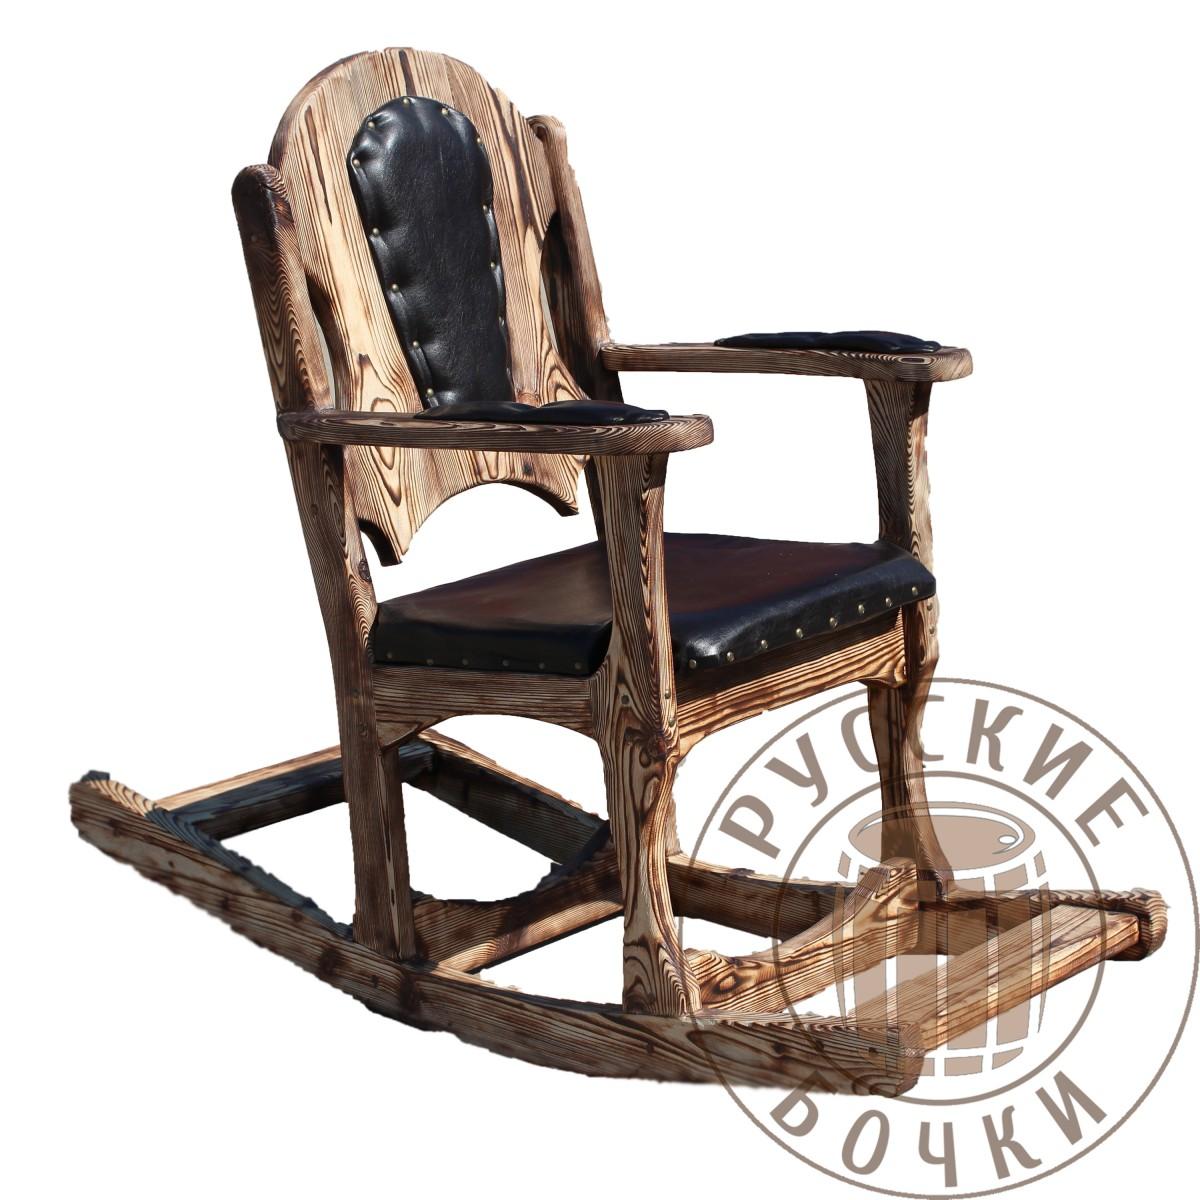 кресло качалка деревянное из массива под старину купить для дома